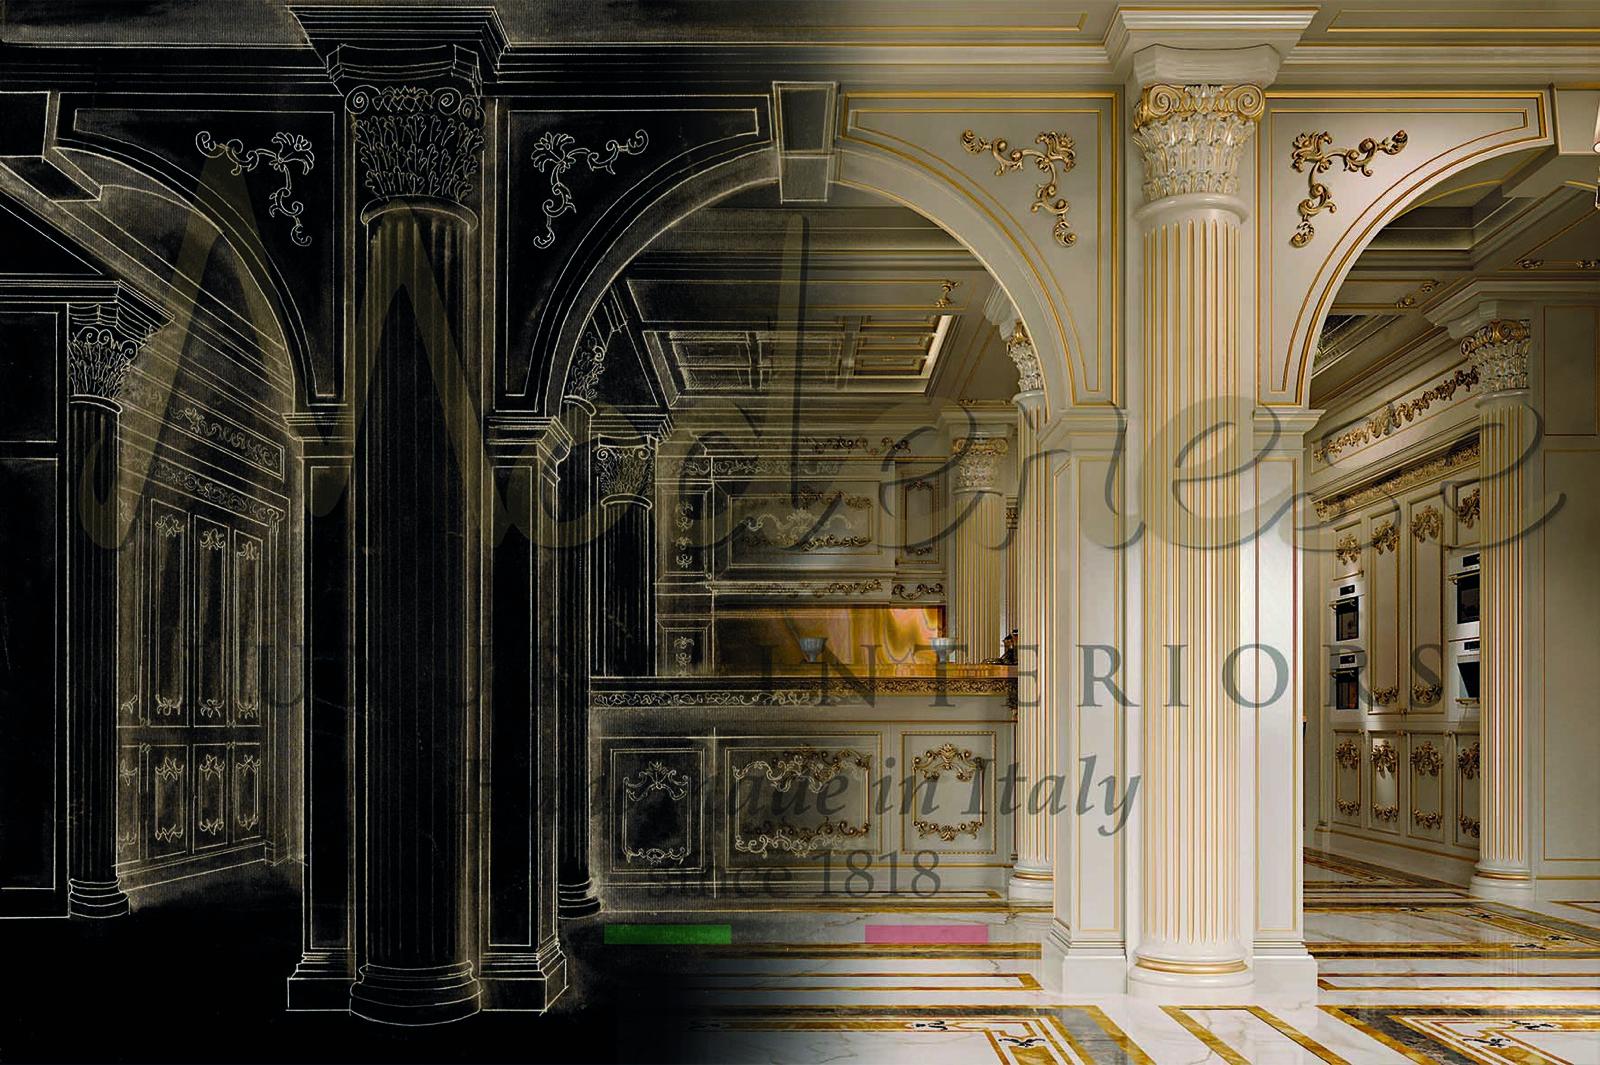 на заказ индивидуальная роскошная итальянская мебель ручной работы производство по специальному запросу вилла королевская империя проекты дизайнеры архитекторы премиум решения дом мечты